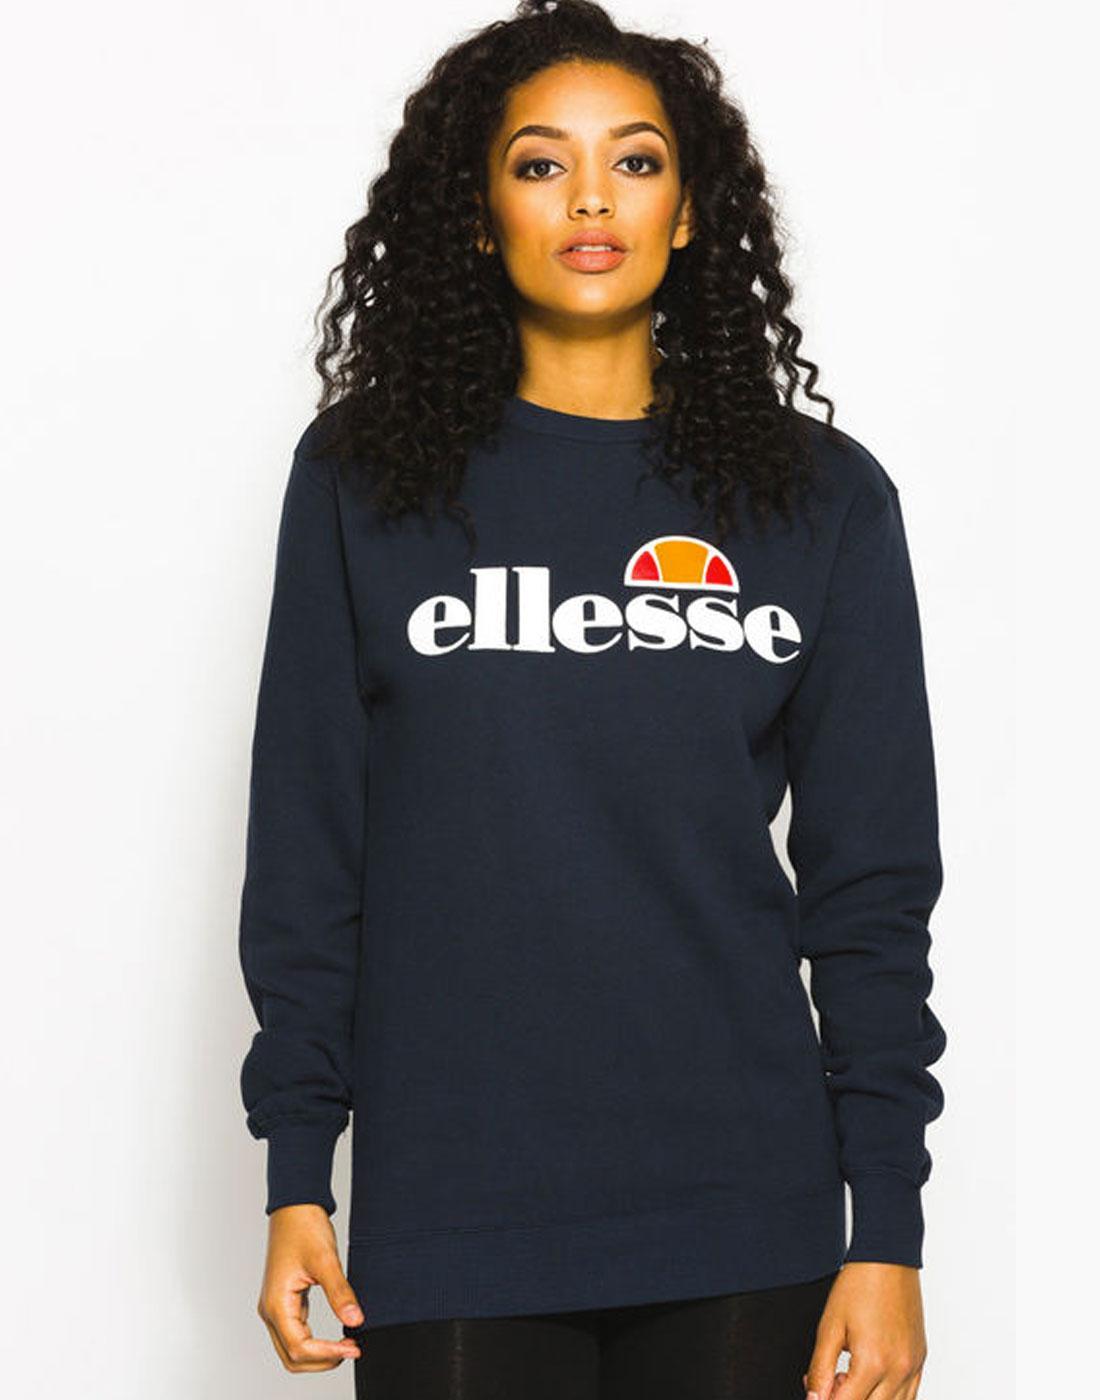 ellesse sweater grey hoodie navy navy blue